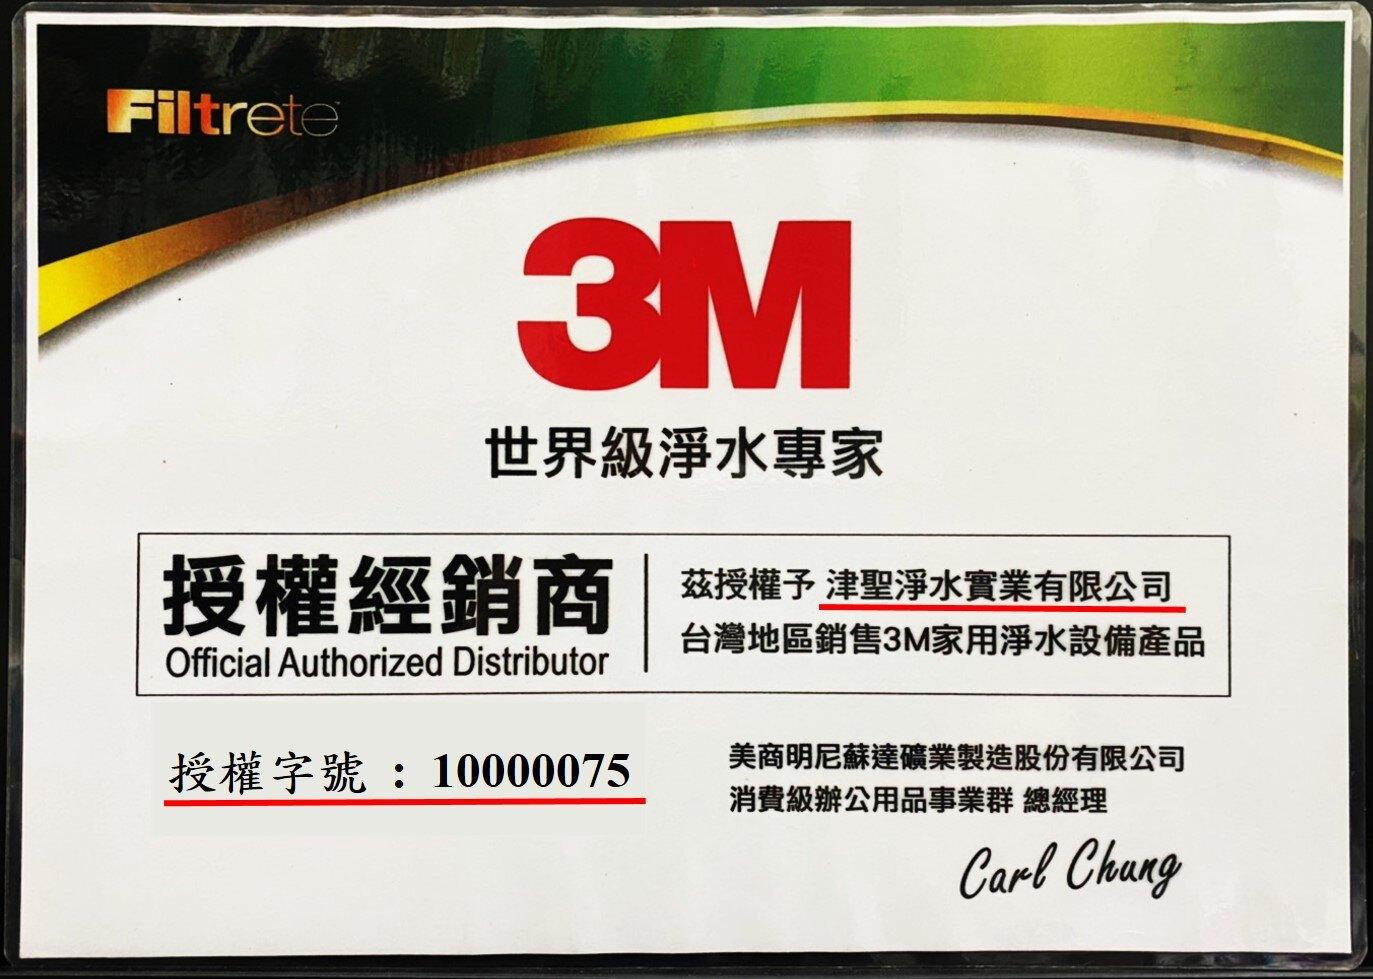 【津聖】3M HEAT1000加熱器+DWS6000智型雙效淨水器 【拜託 ! 懇請給小弟我一個服務的機會】【LINE ID: s099099】